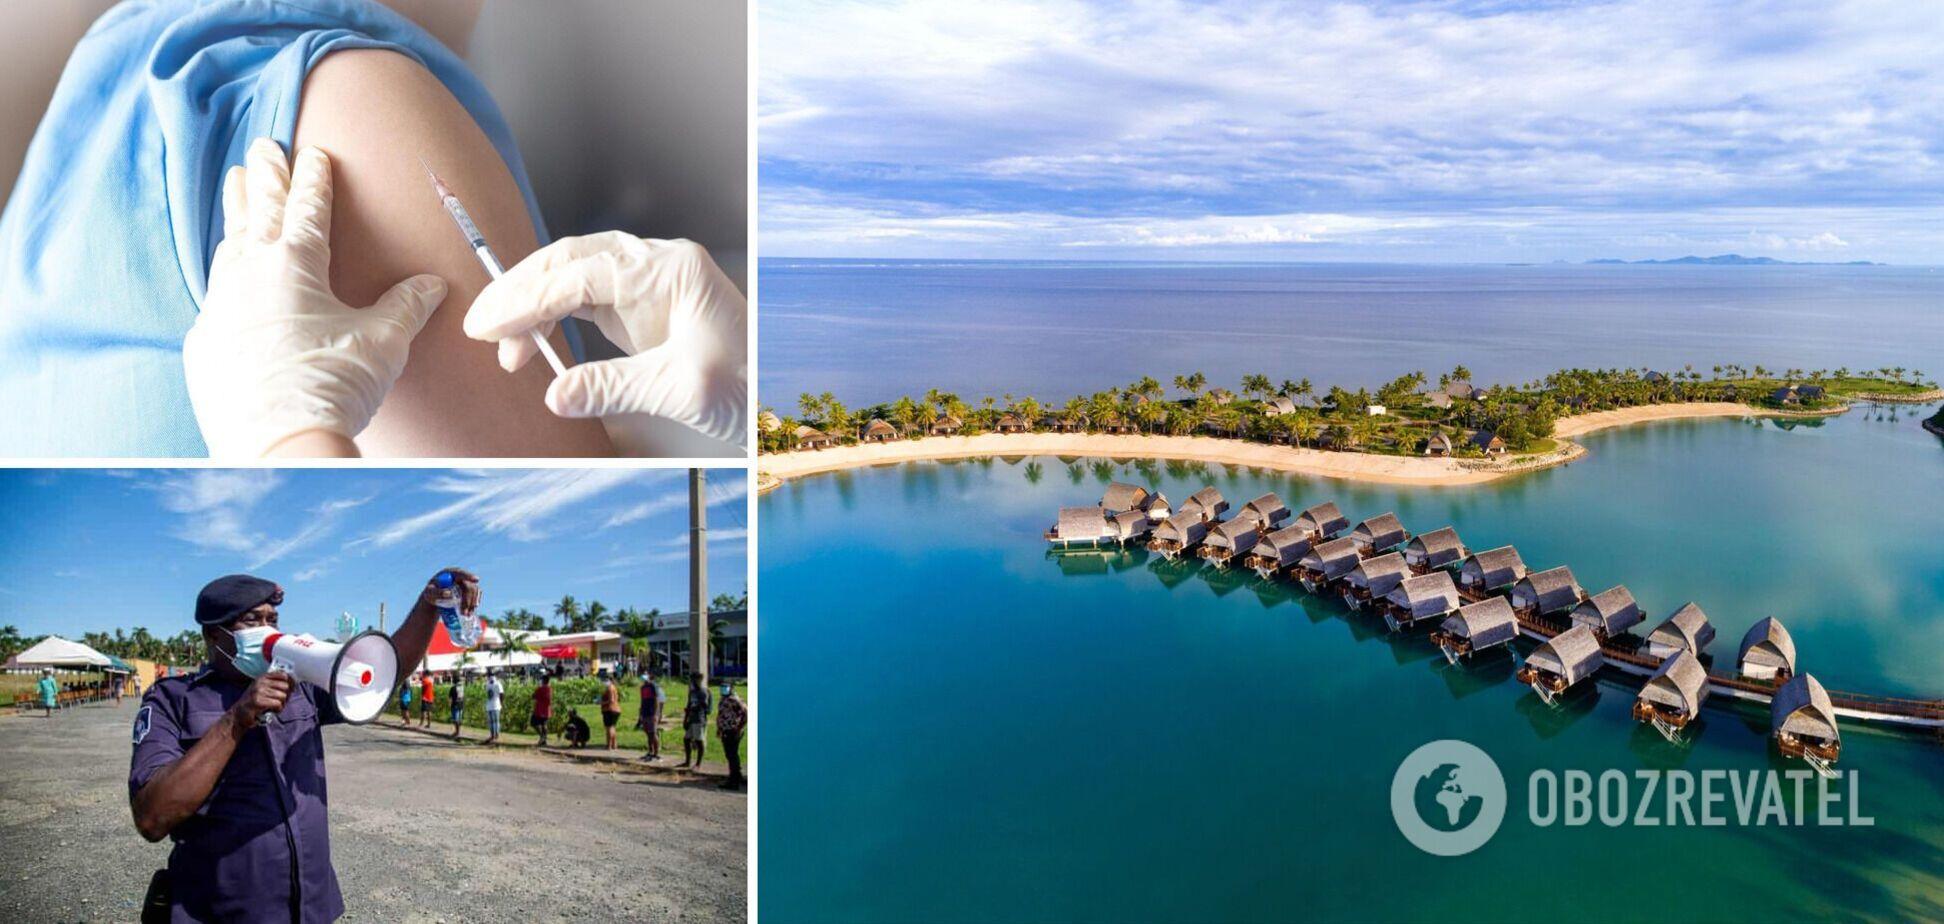 На Фиджи вакцинацию от COVID-19 сделали обязательной: непривитым запретят работать